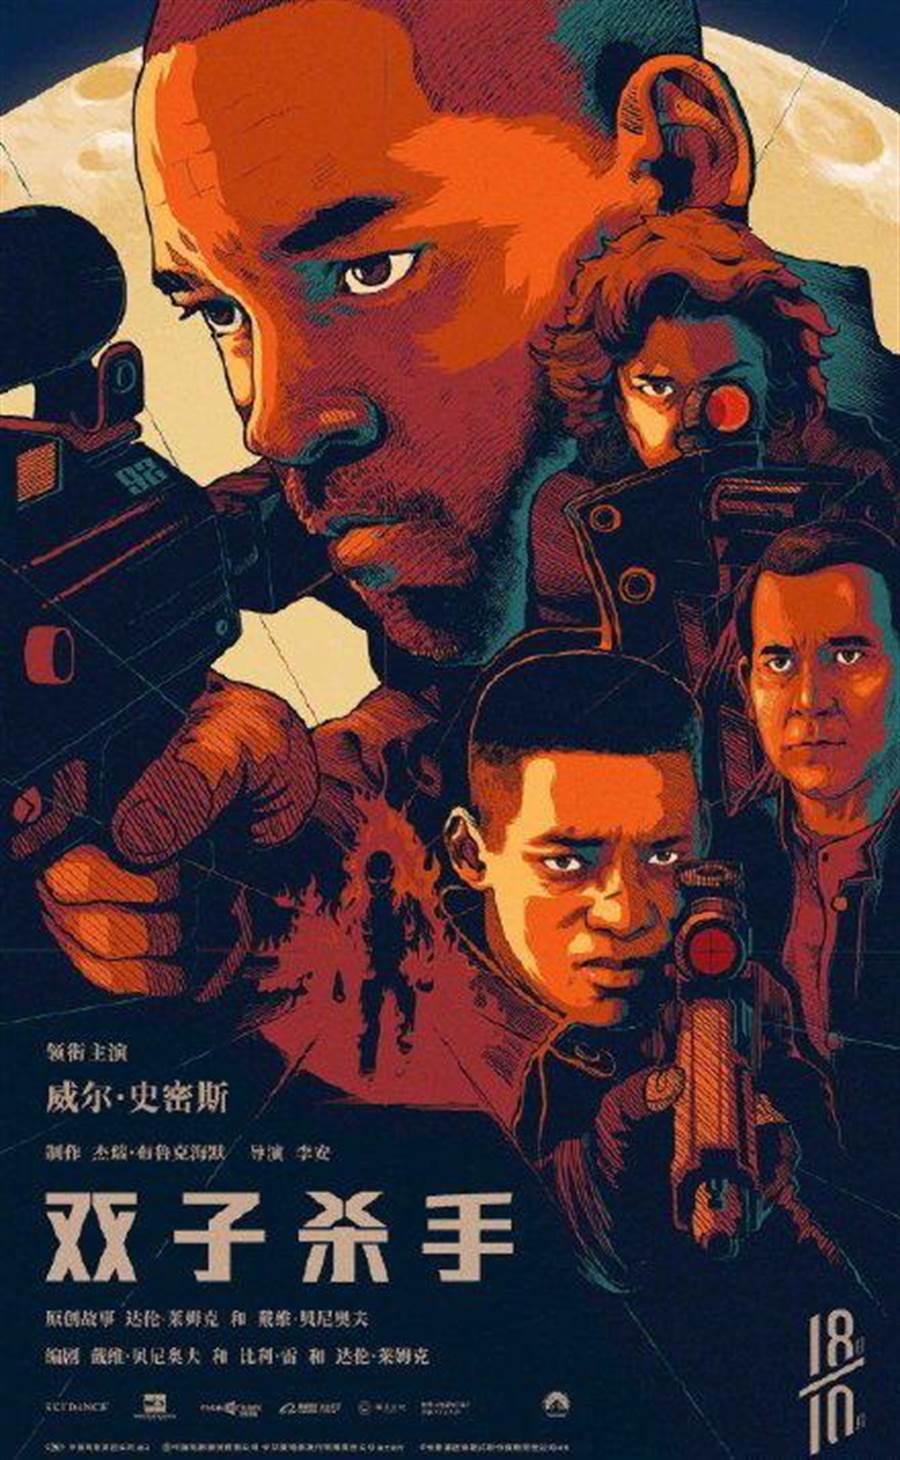 《雙子殺手》在微博上發布中秋節主題的手繪海報,以圓月為背景搭配溫暖色調。(新浪電影微博)